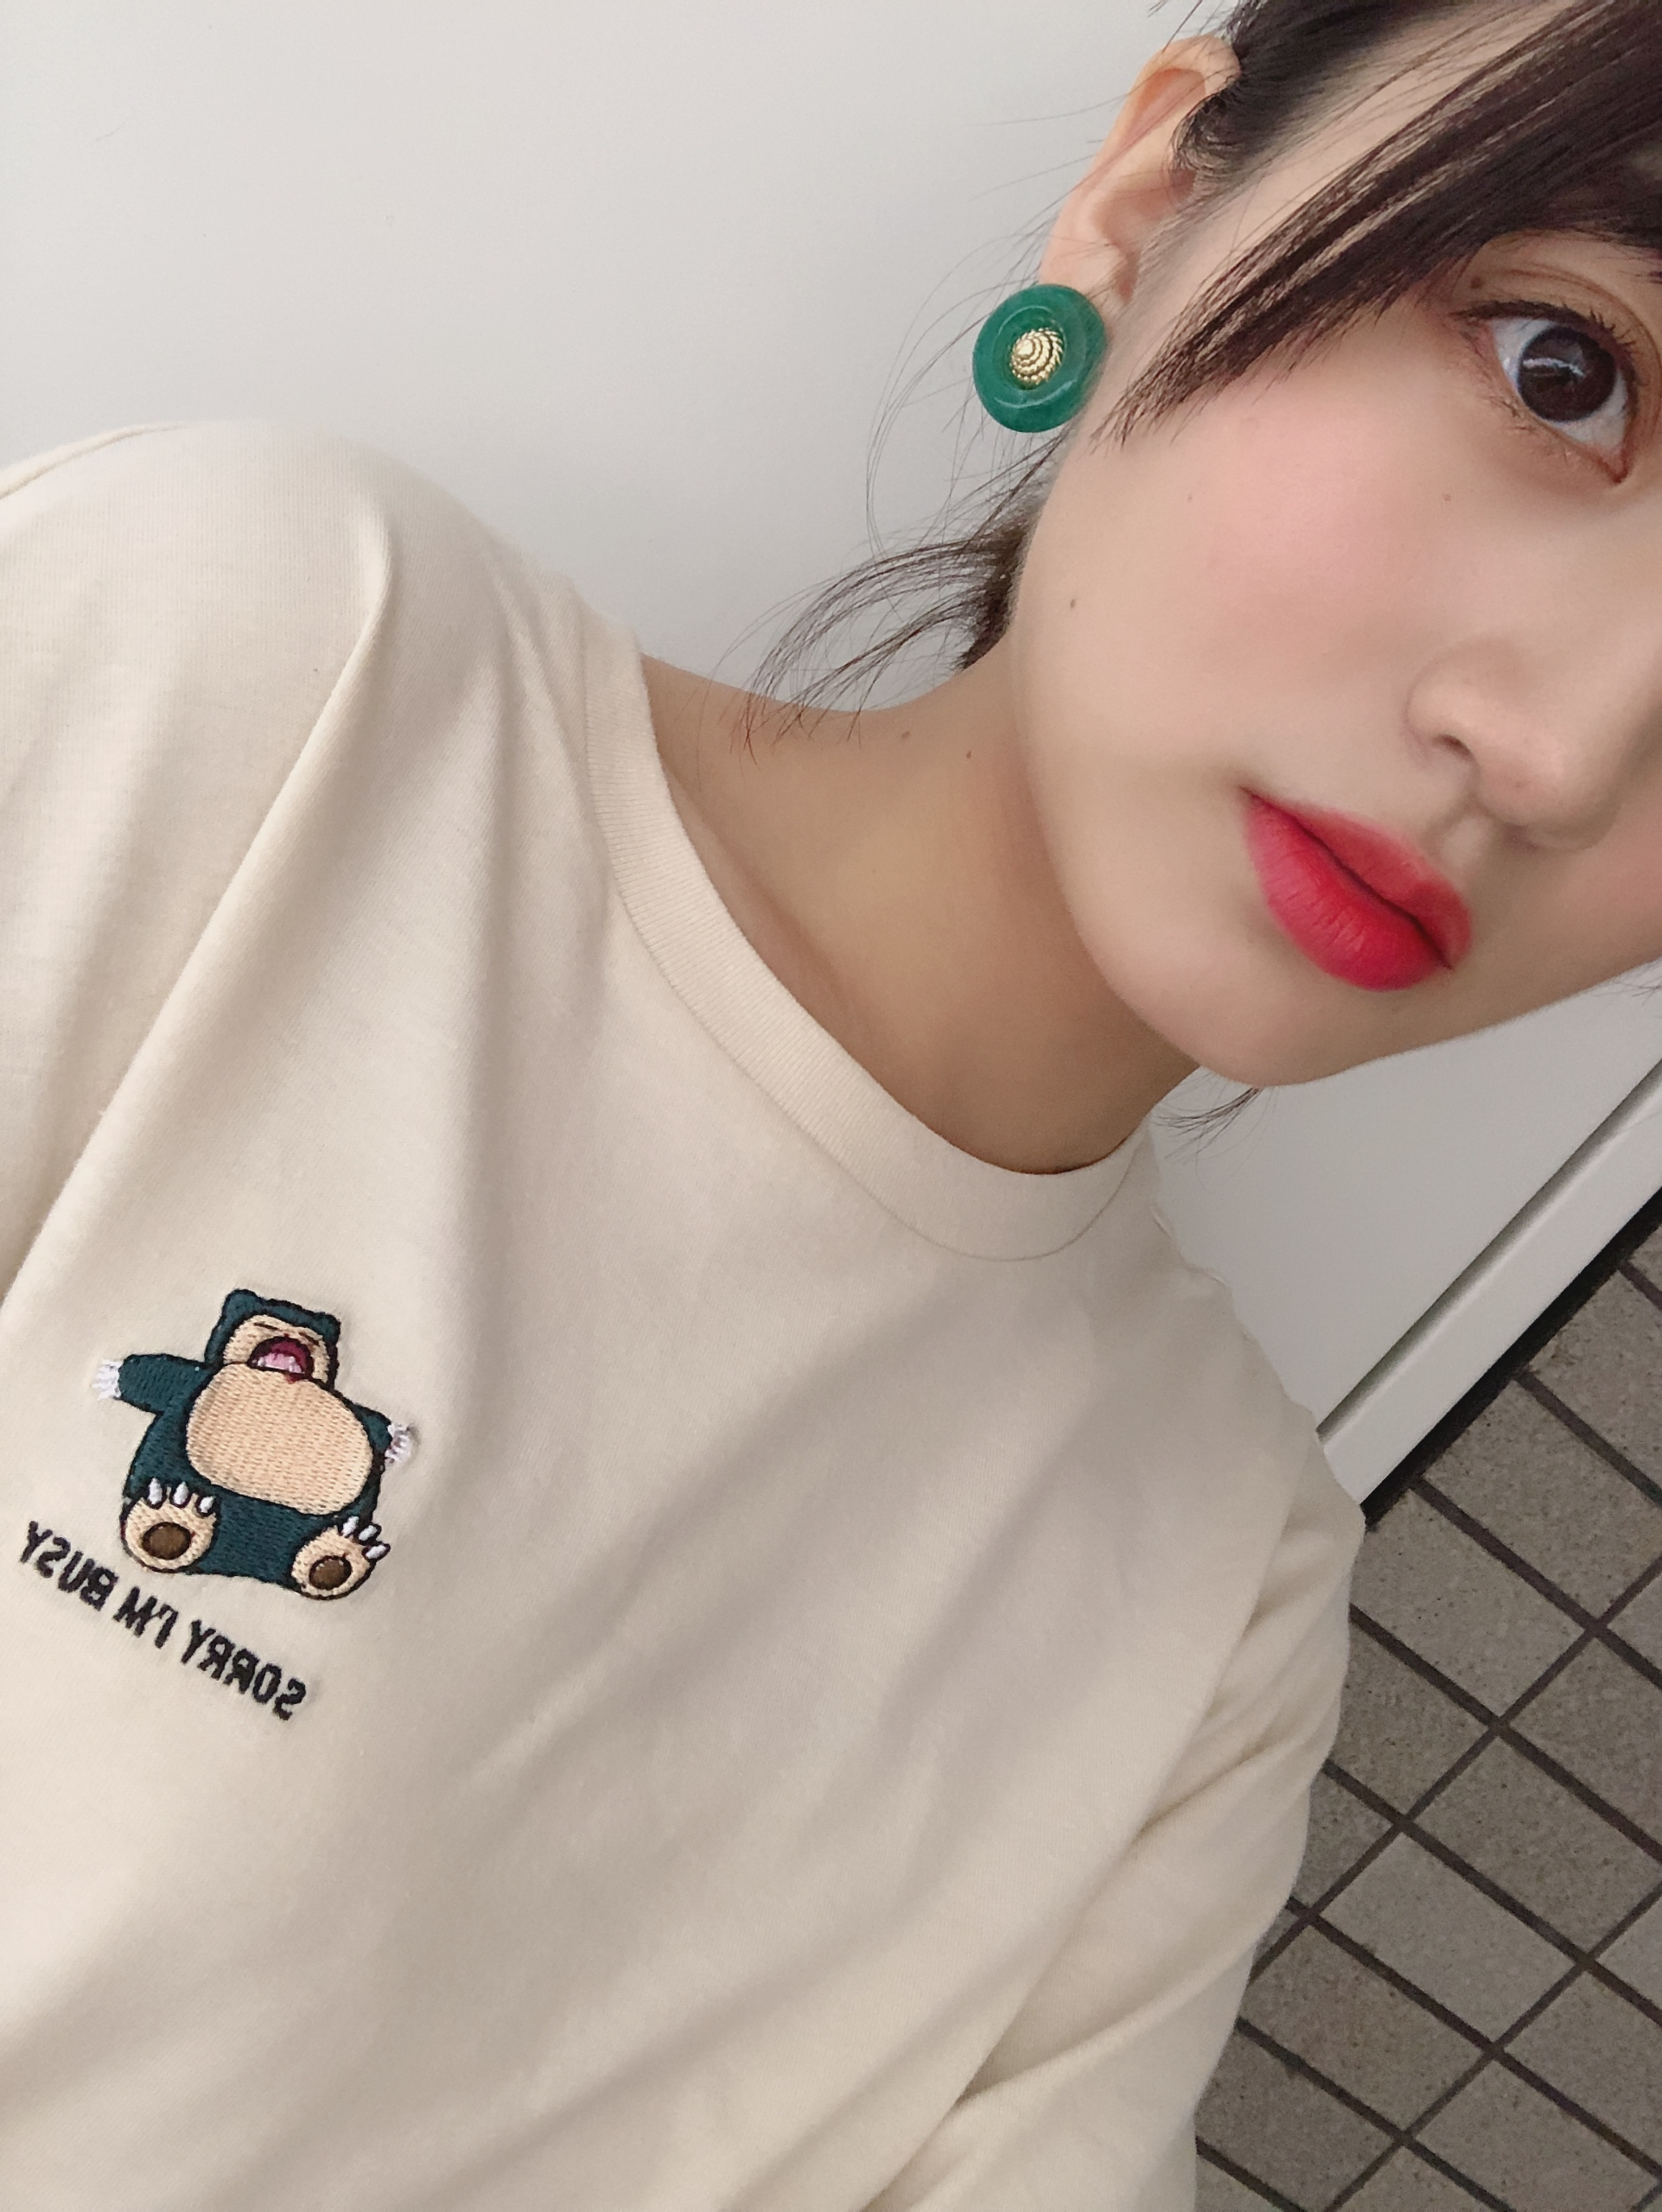 ポケモンTシャツが可愛い件について❤︎❤︎❤︎_1_3